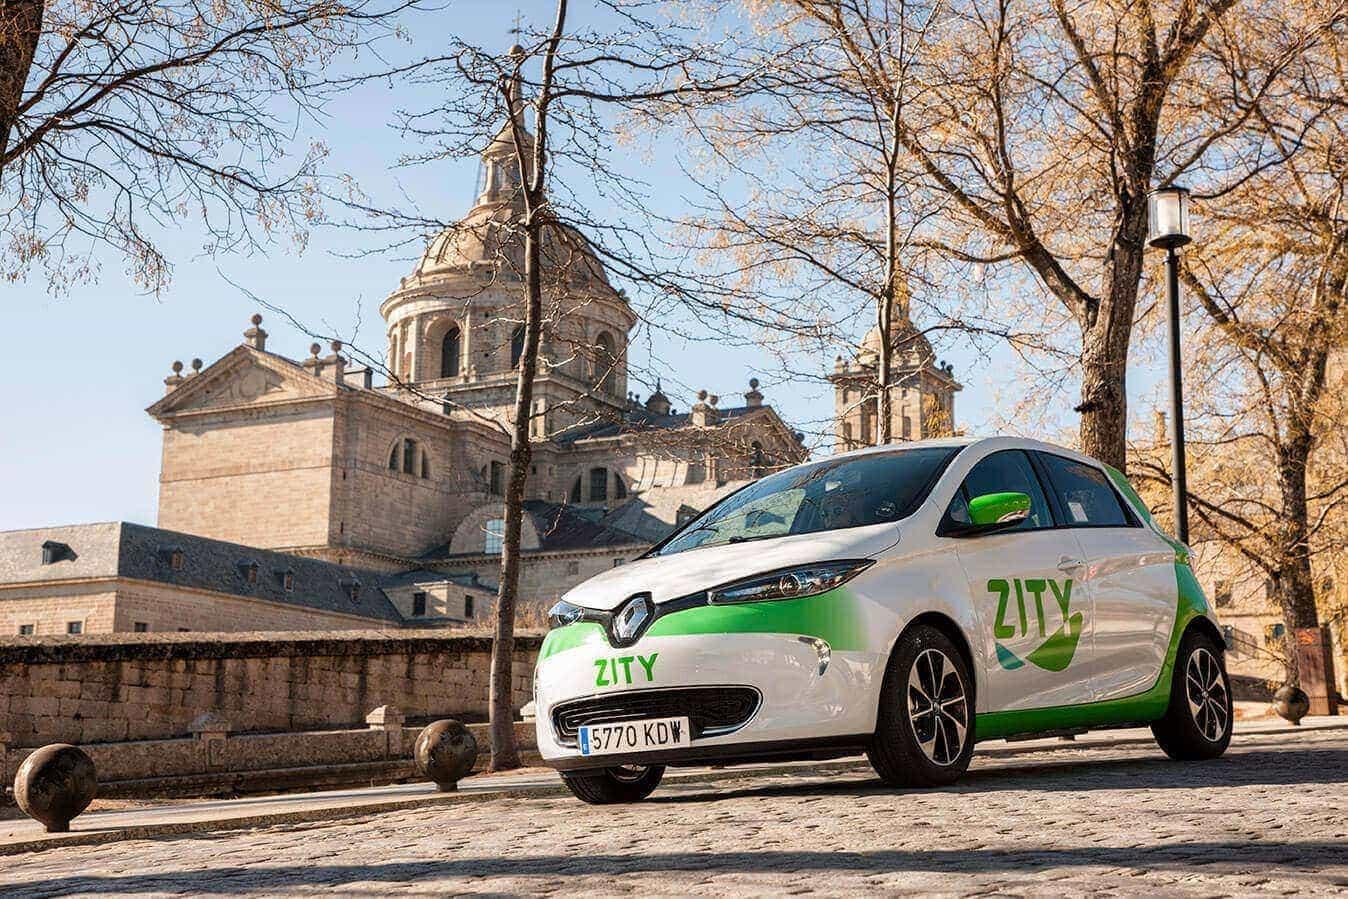 Zity car sharing